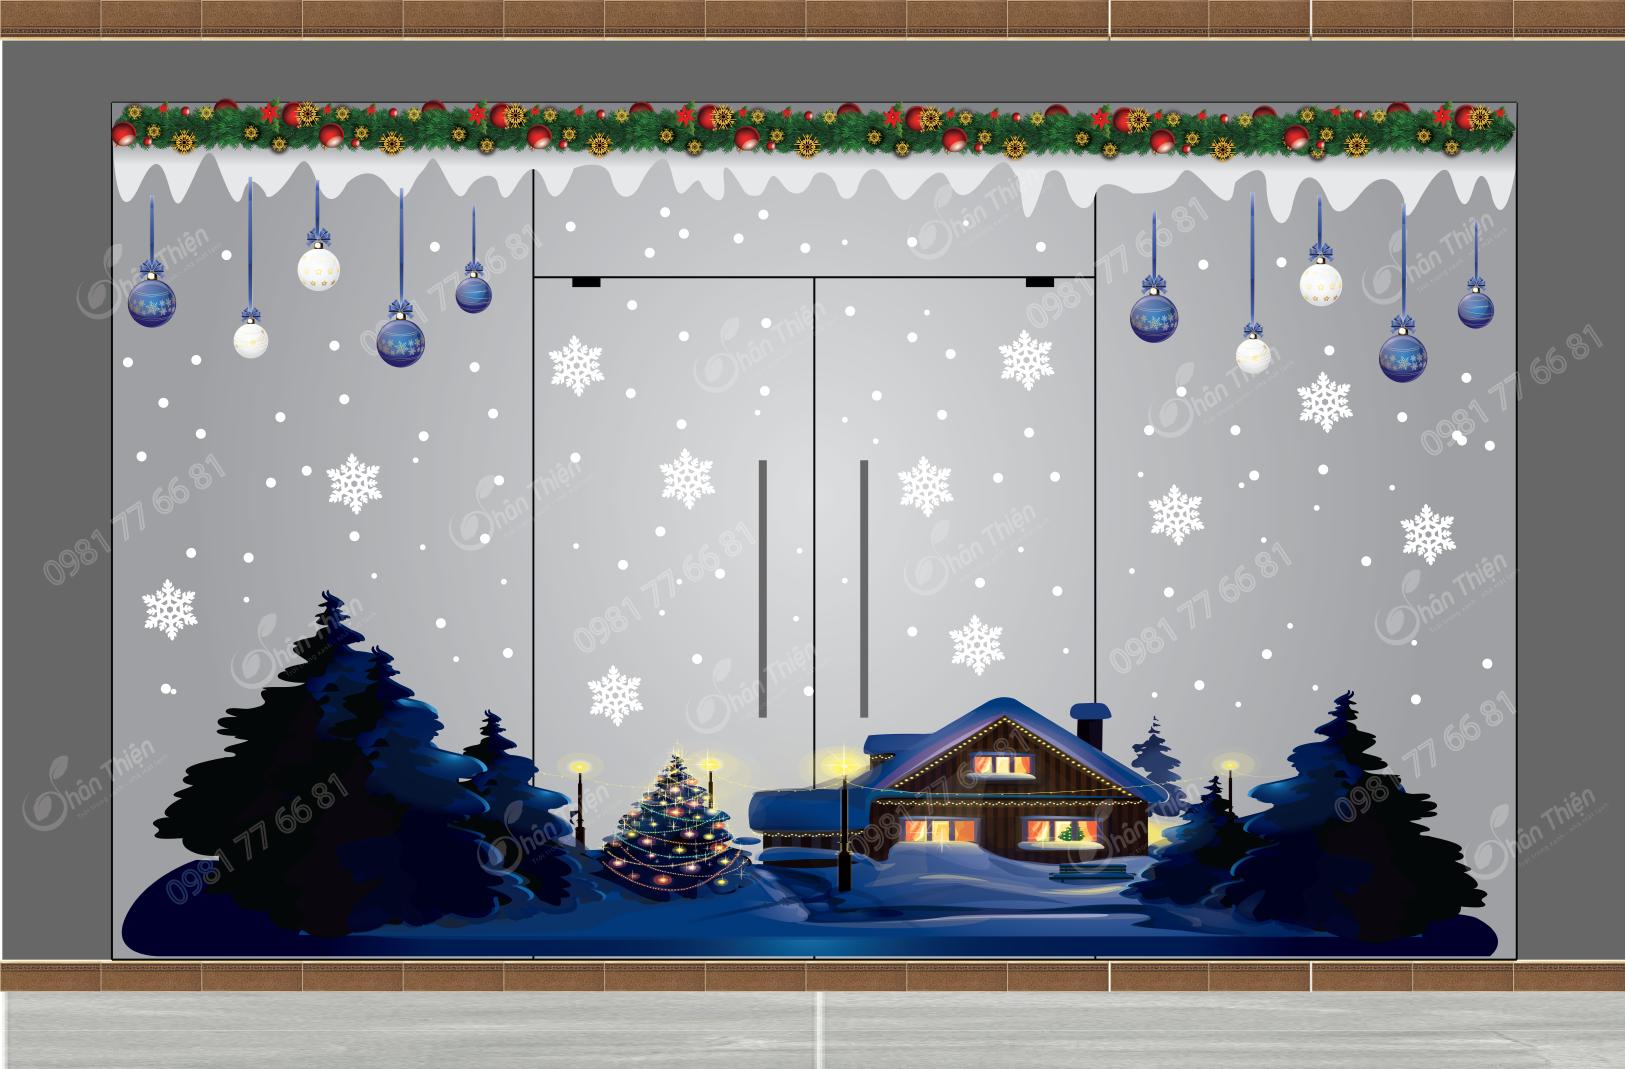 Trang Trí Noel Mẫu N4